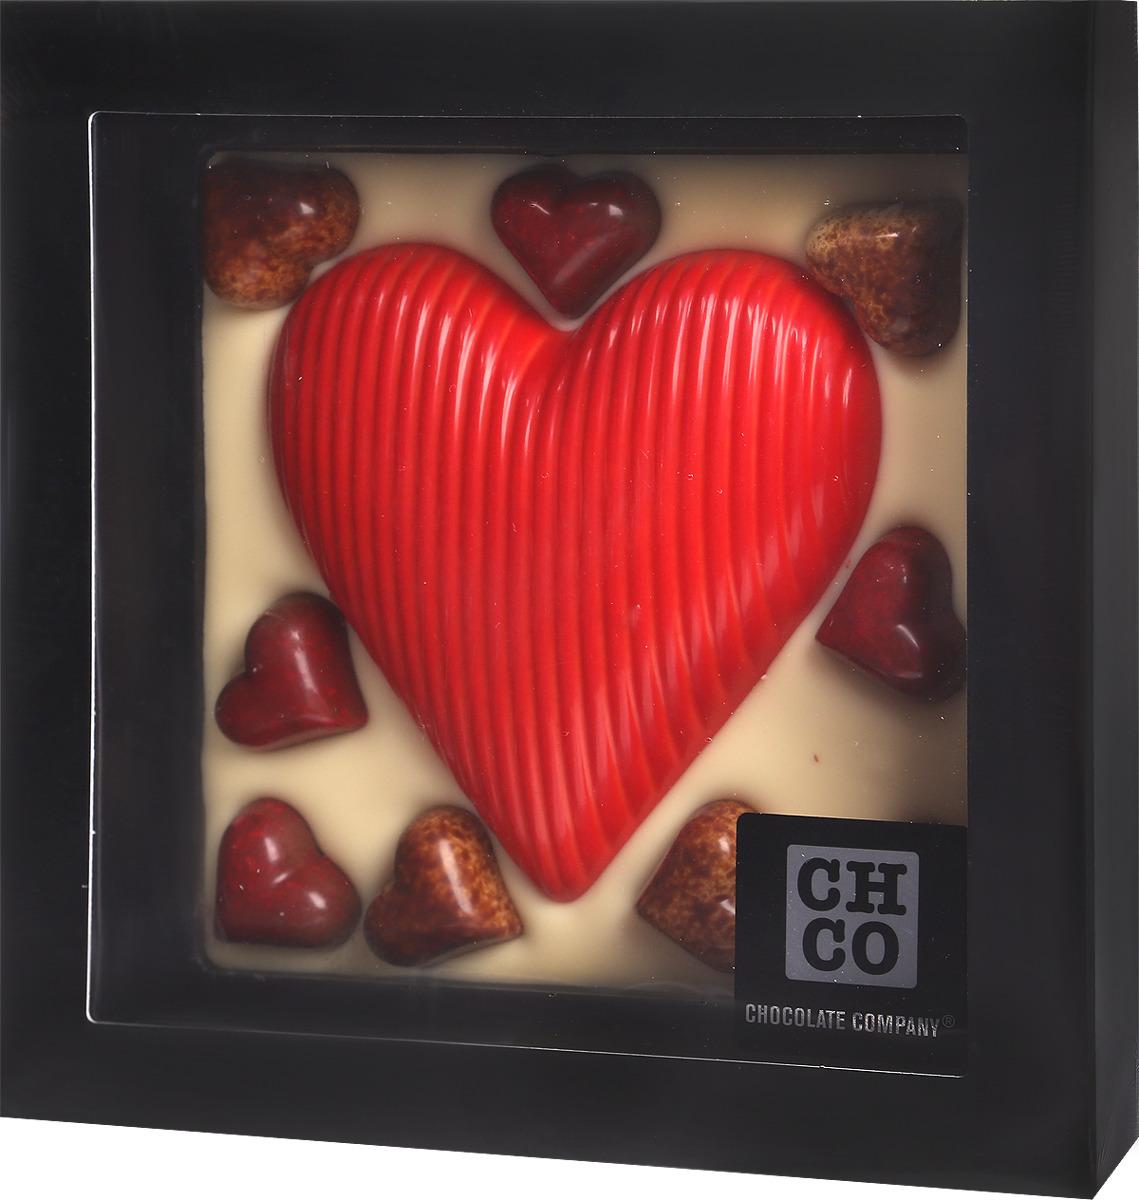 Сердце с шоколадными конфетами Chocbar XL De Luxe Chco, 380 г chco лев с сердцем молочный детский шоколад 70 г